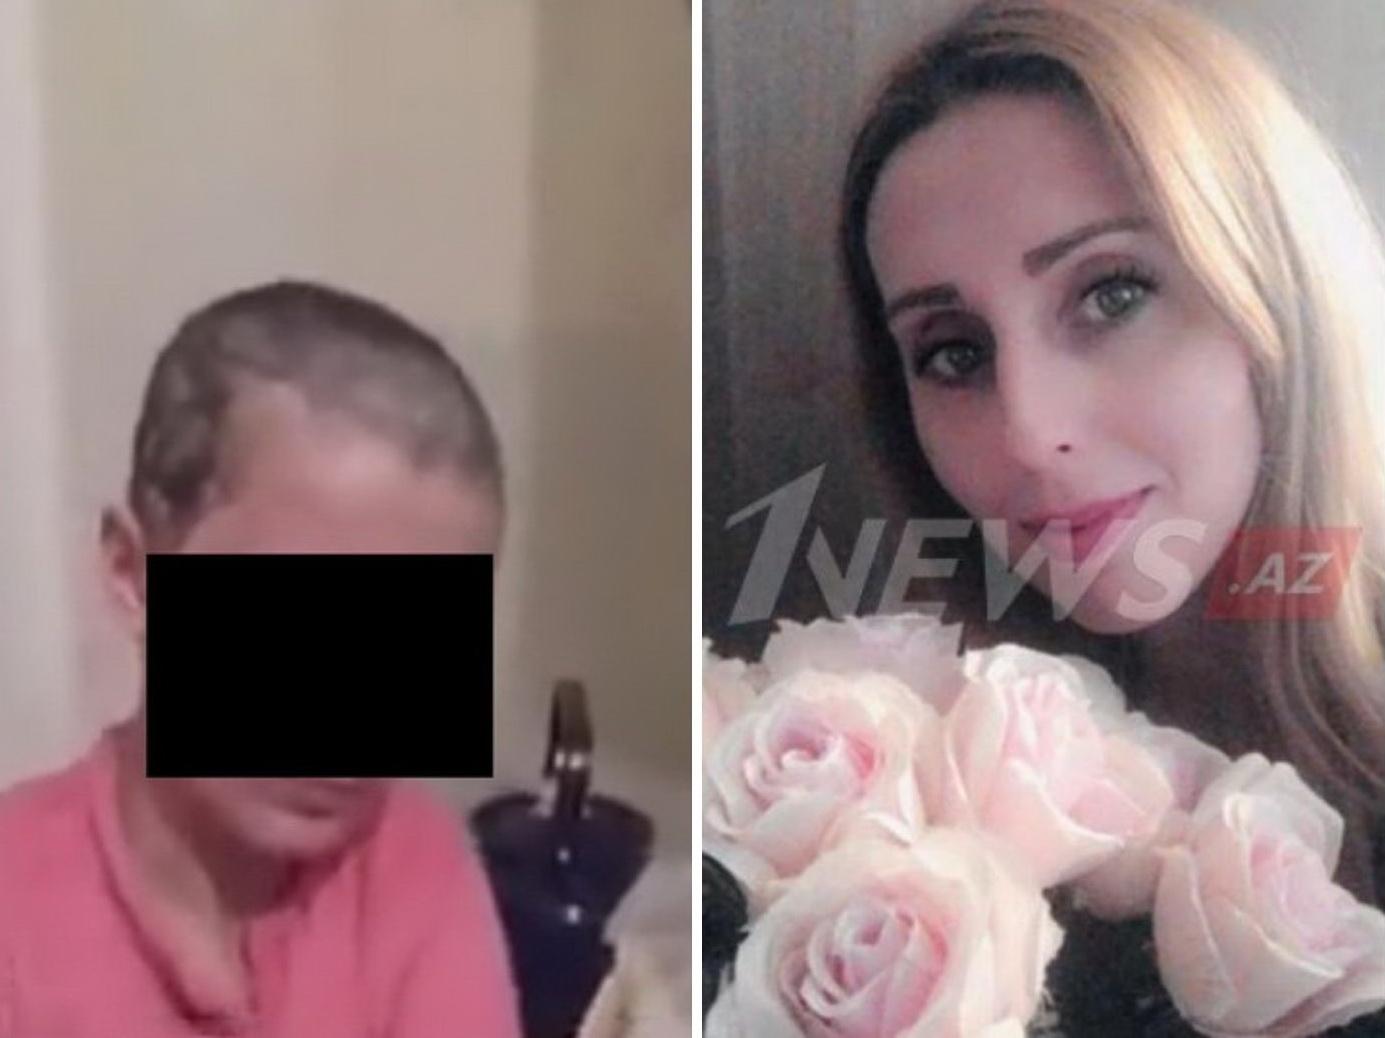 Снято в Азербайджане: Унижения на камеру, обритая голова, побои - сама виновата? - ФОТО - ВИДЕО